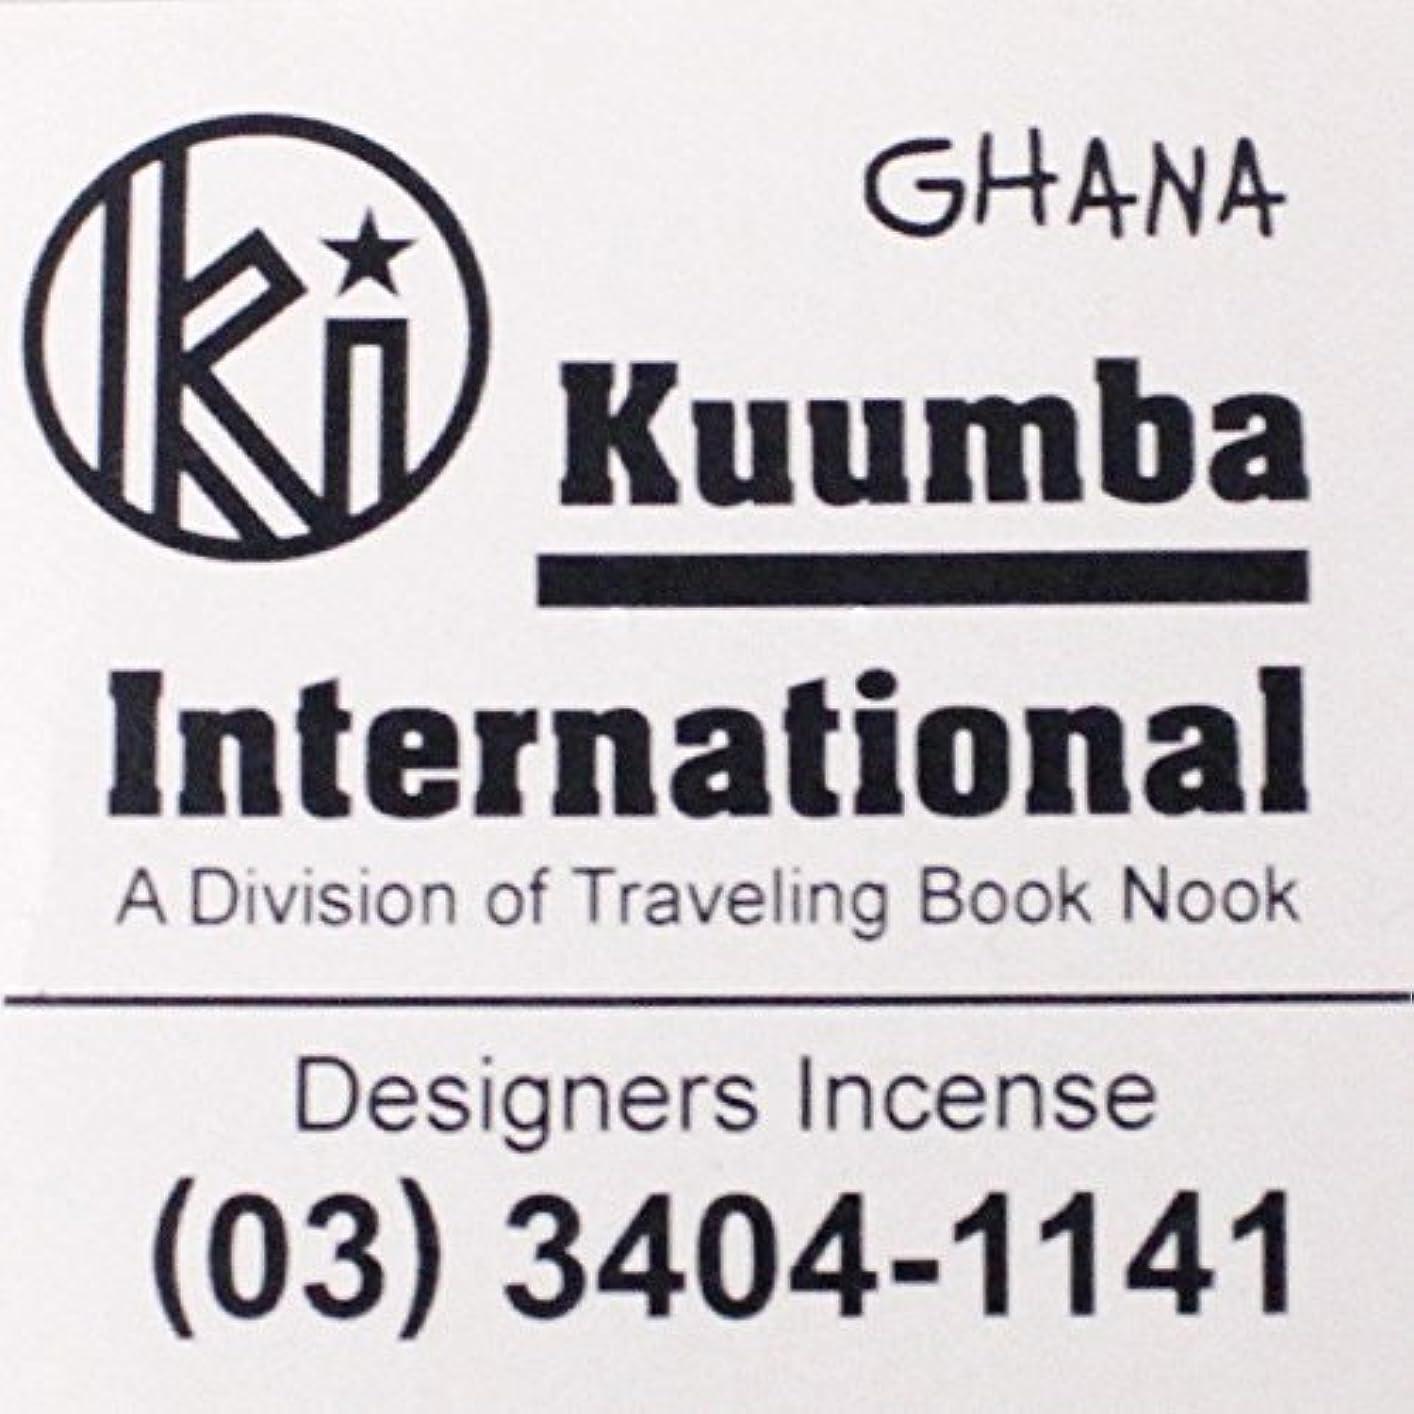 大混乱絶えず遷移(クンバ) KUUMBA『incense』(GHANA) (Regular size)